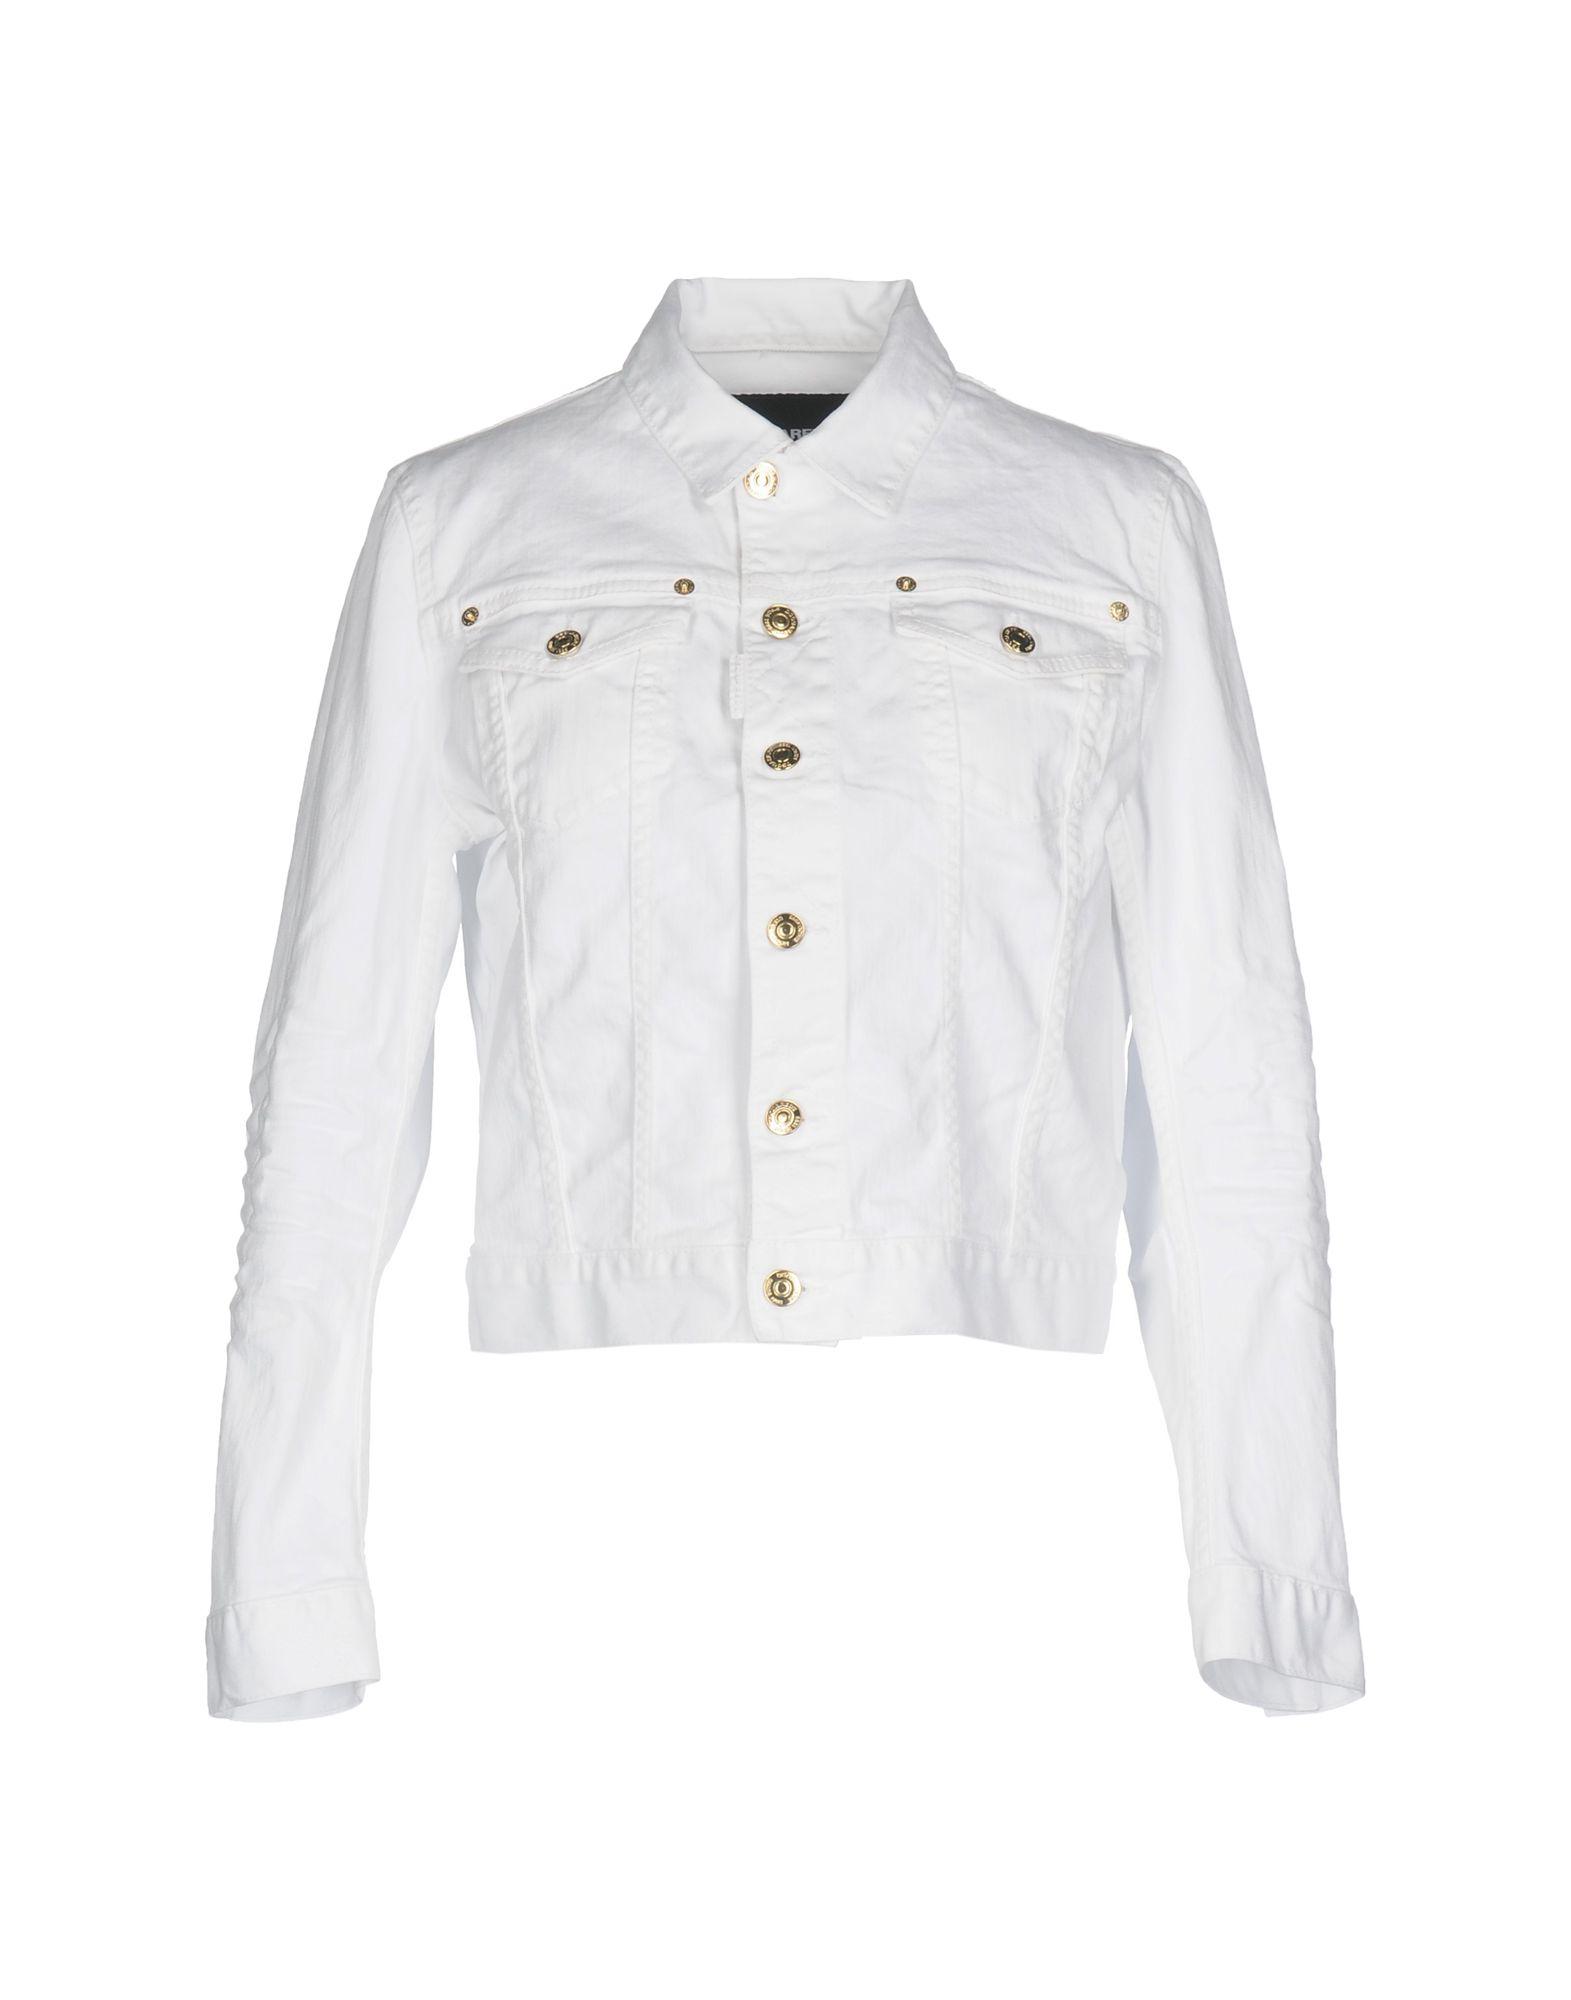 DSQUARED2 Джинсовая верхняя одежда avignon джинсовая верхняя одежда page 2